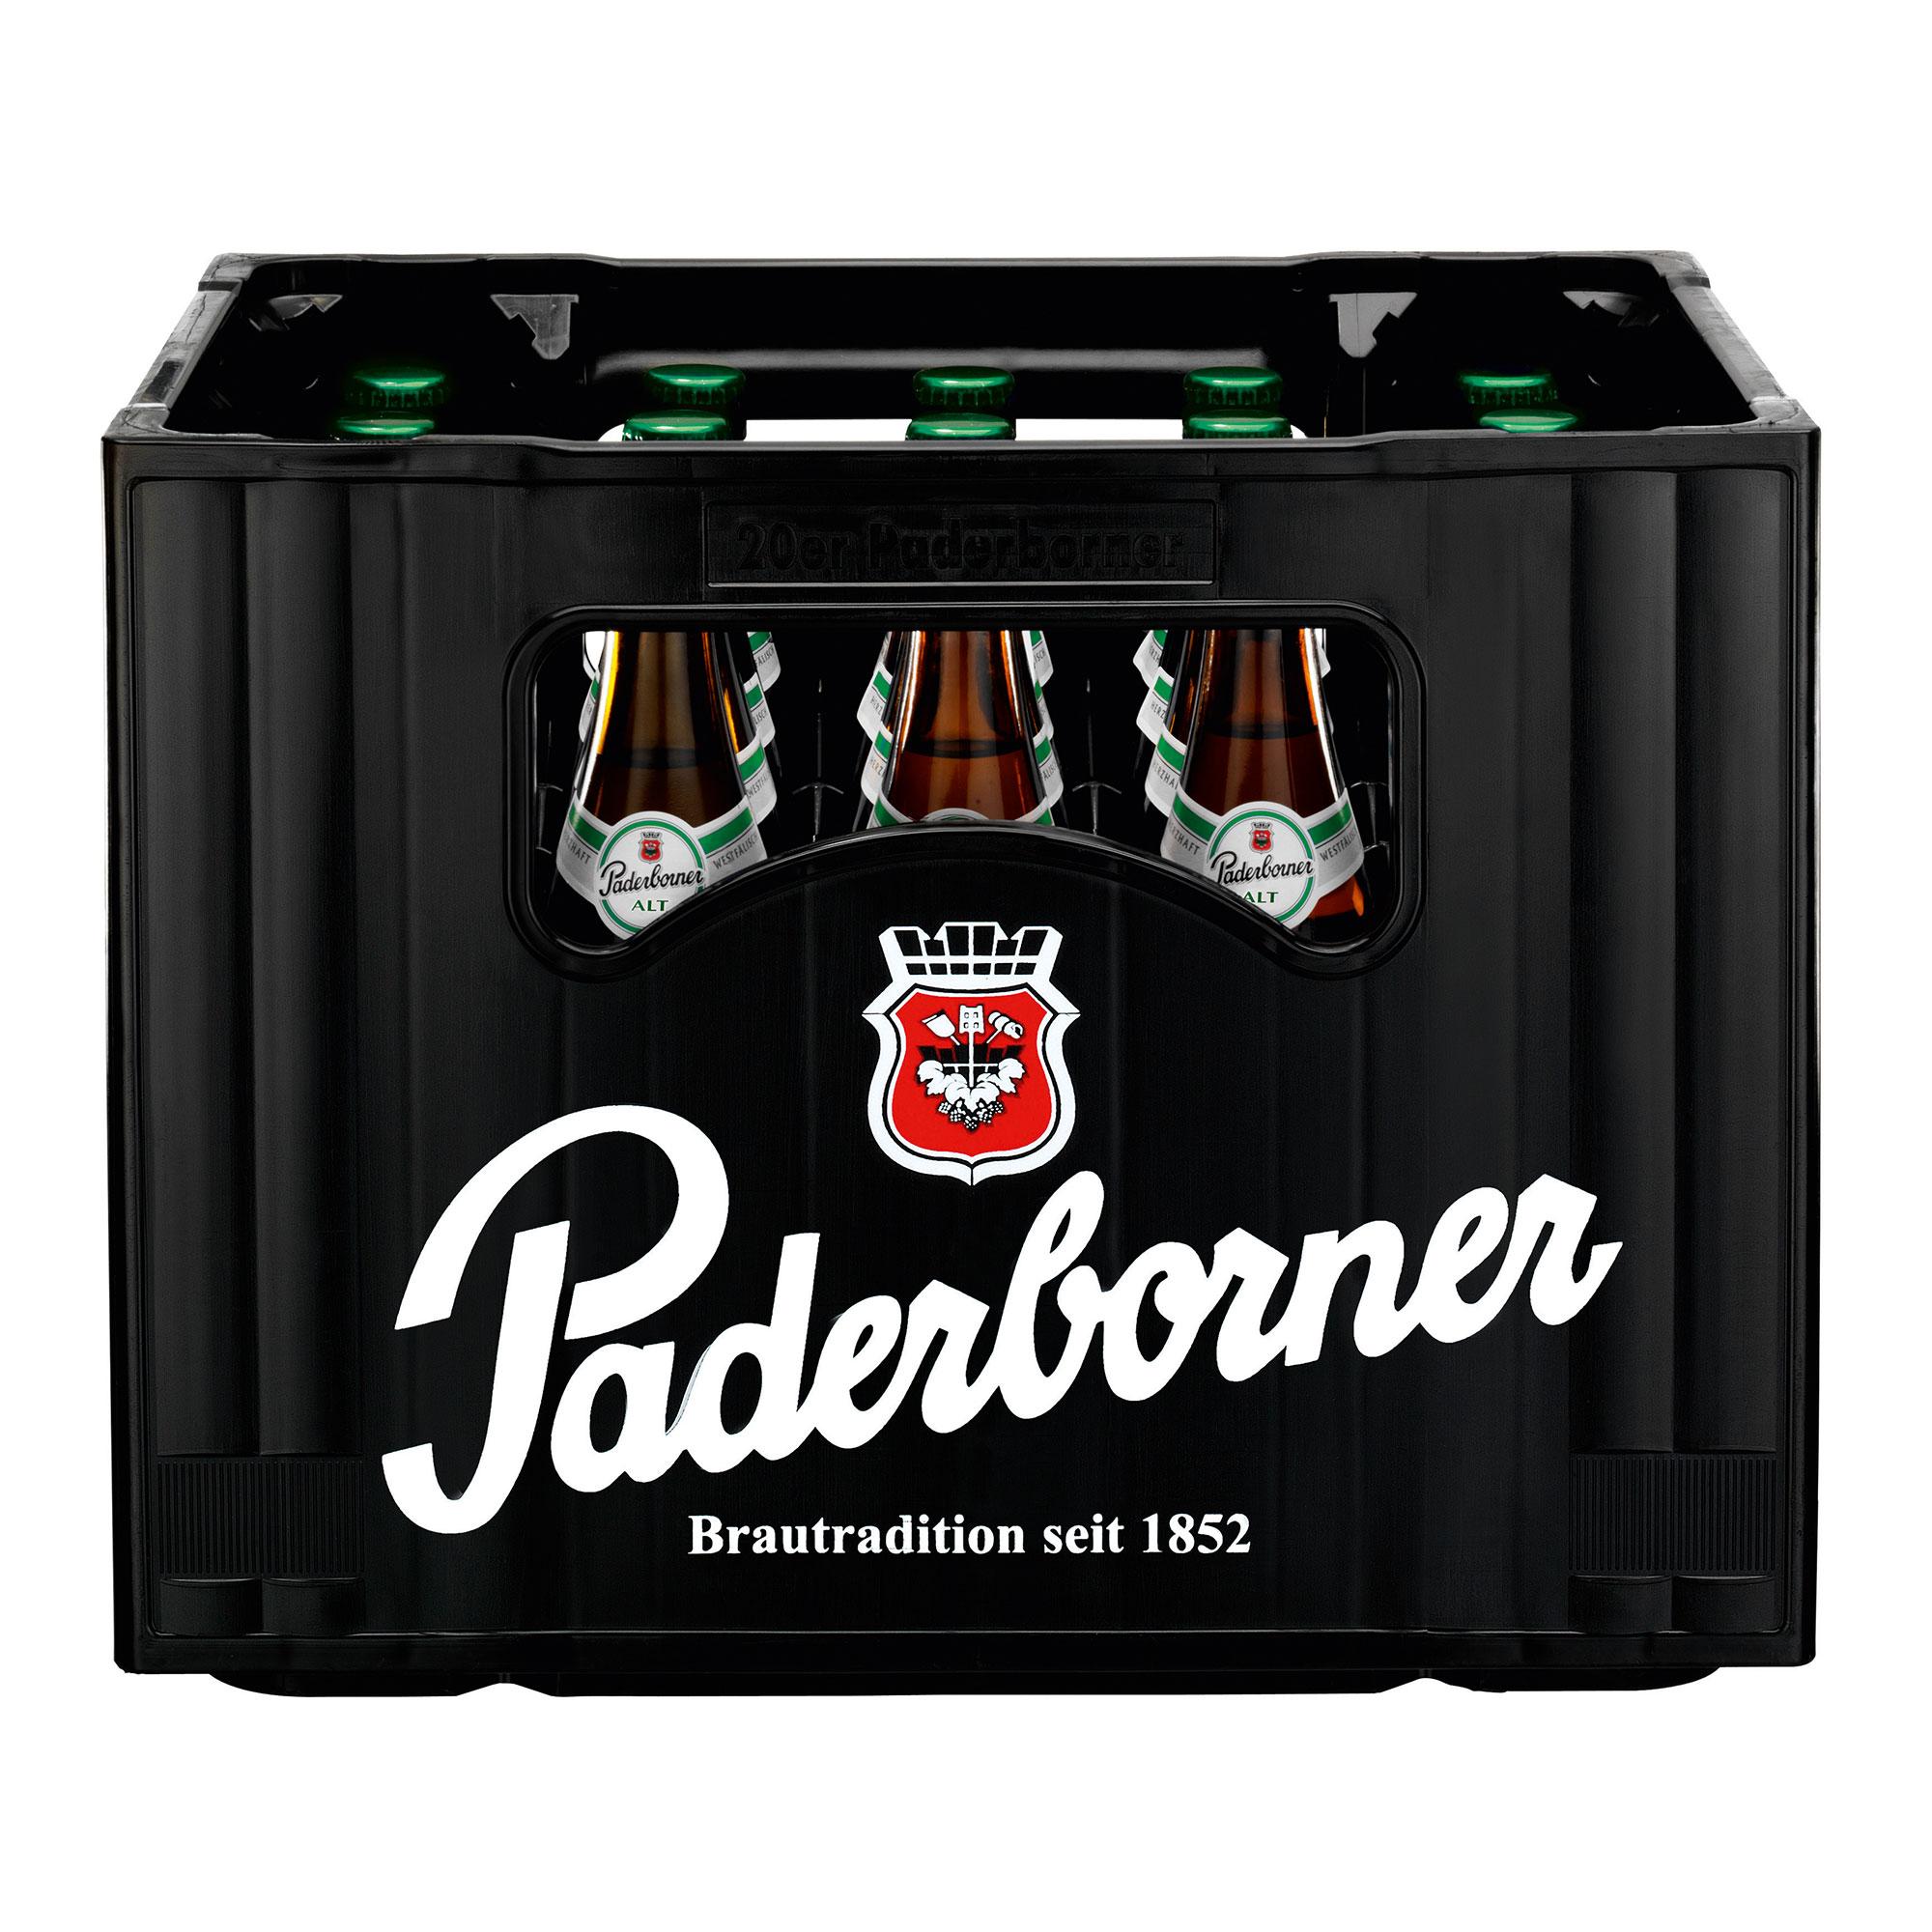 Produktabbildung Paderborner Alt Kasten 20 x 0,5 l